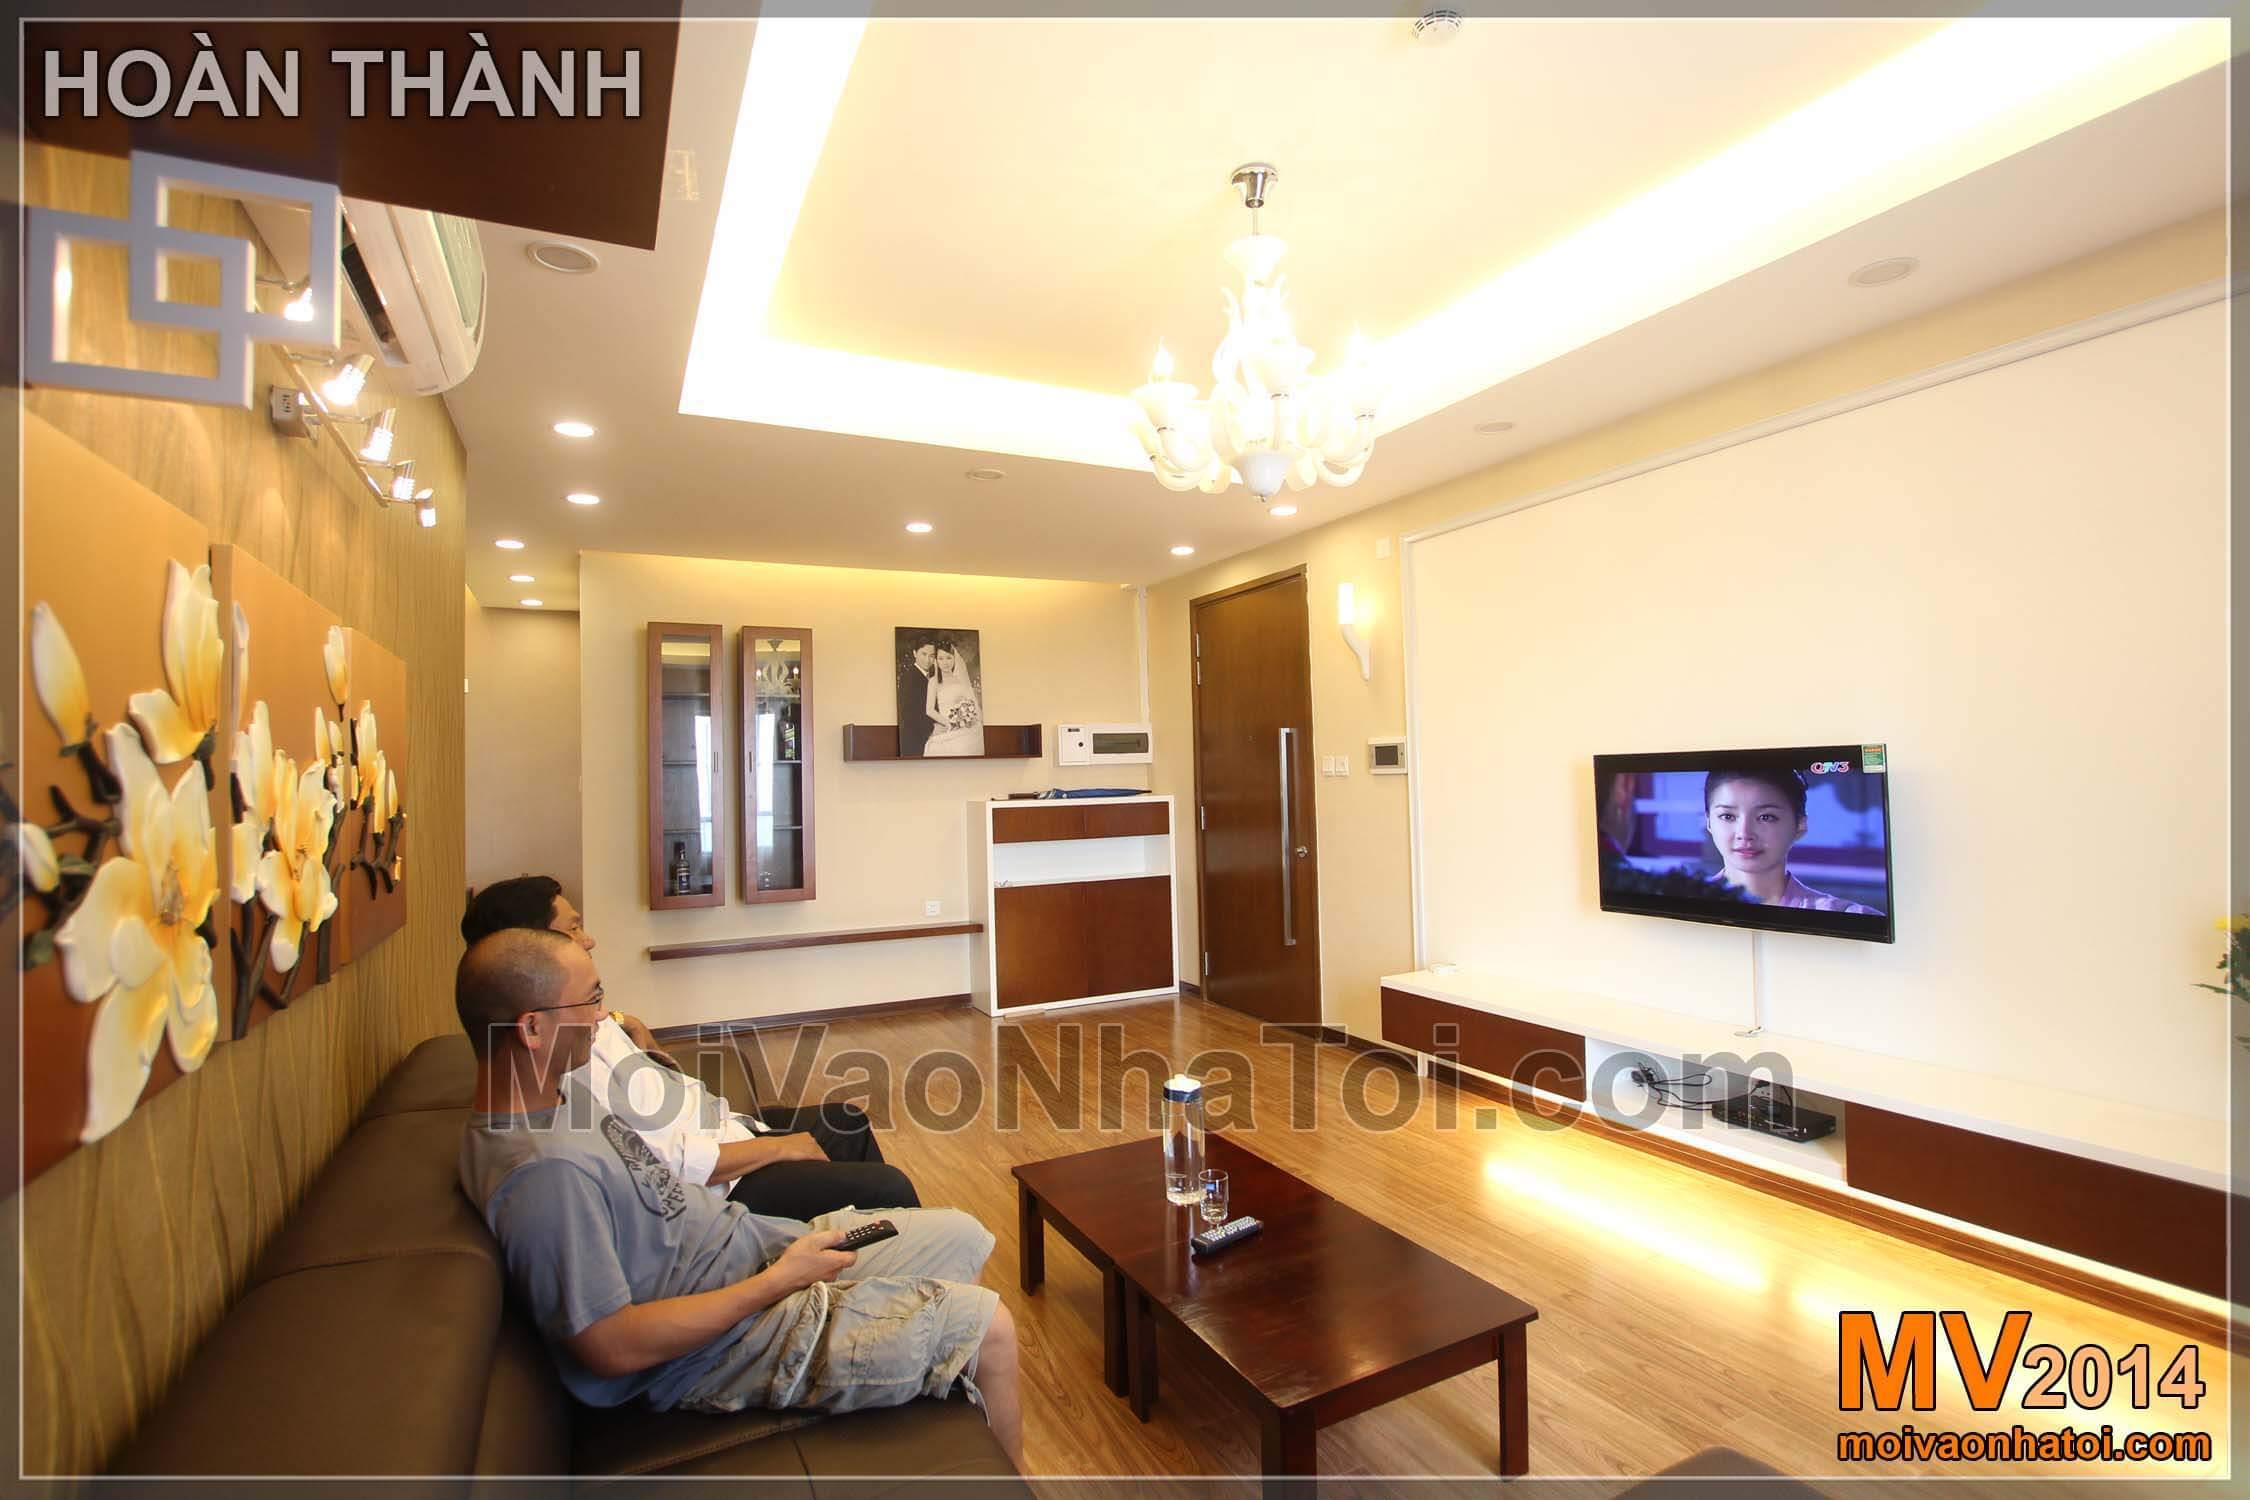 Jednoduchý luxusní byt mulberrylane obývacího pokoje